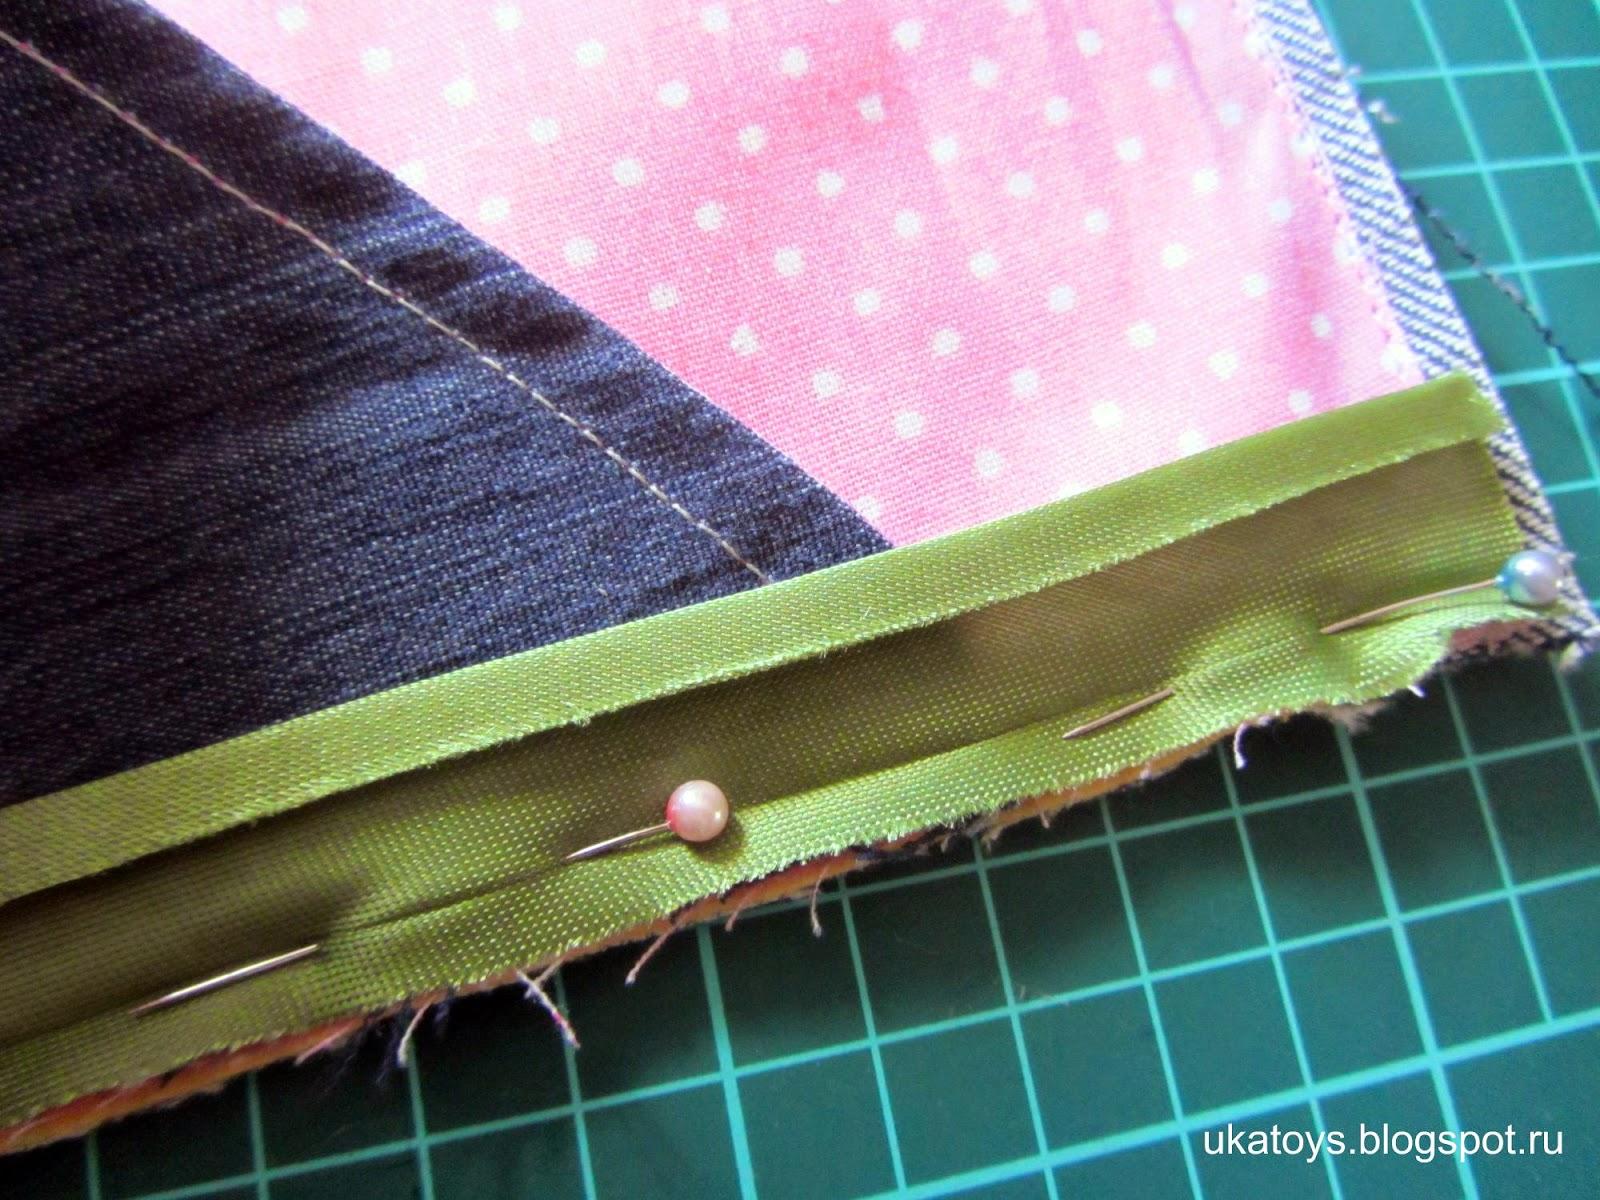 Как шить из ткани с пайетками, как пришивать, как украшать 27